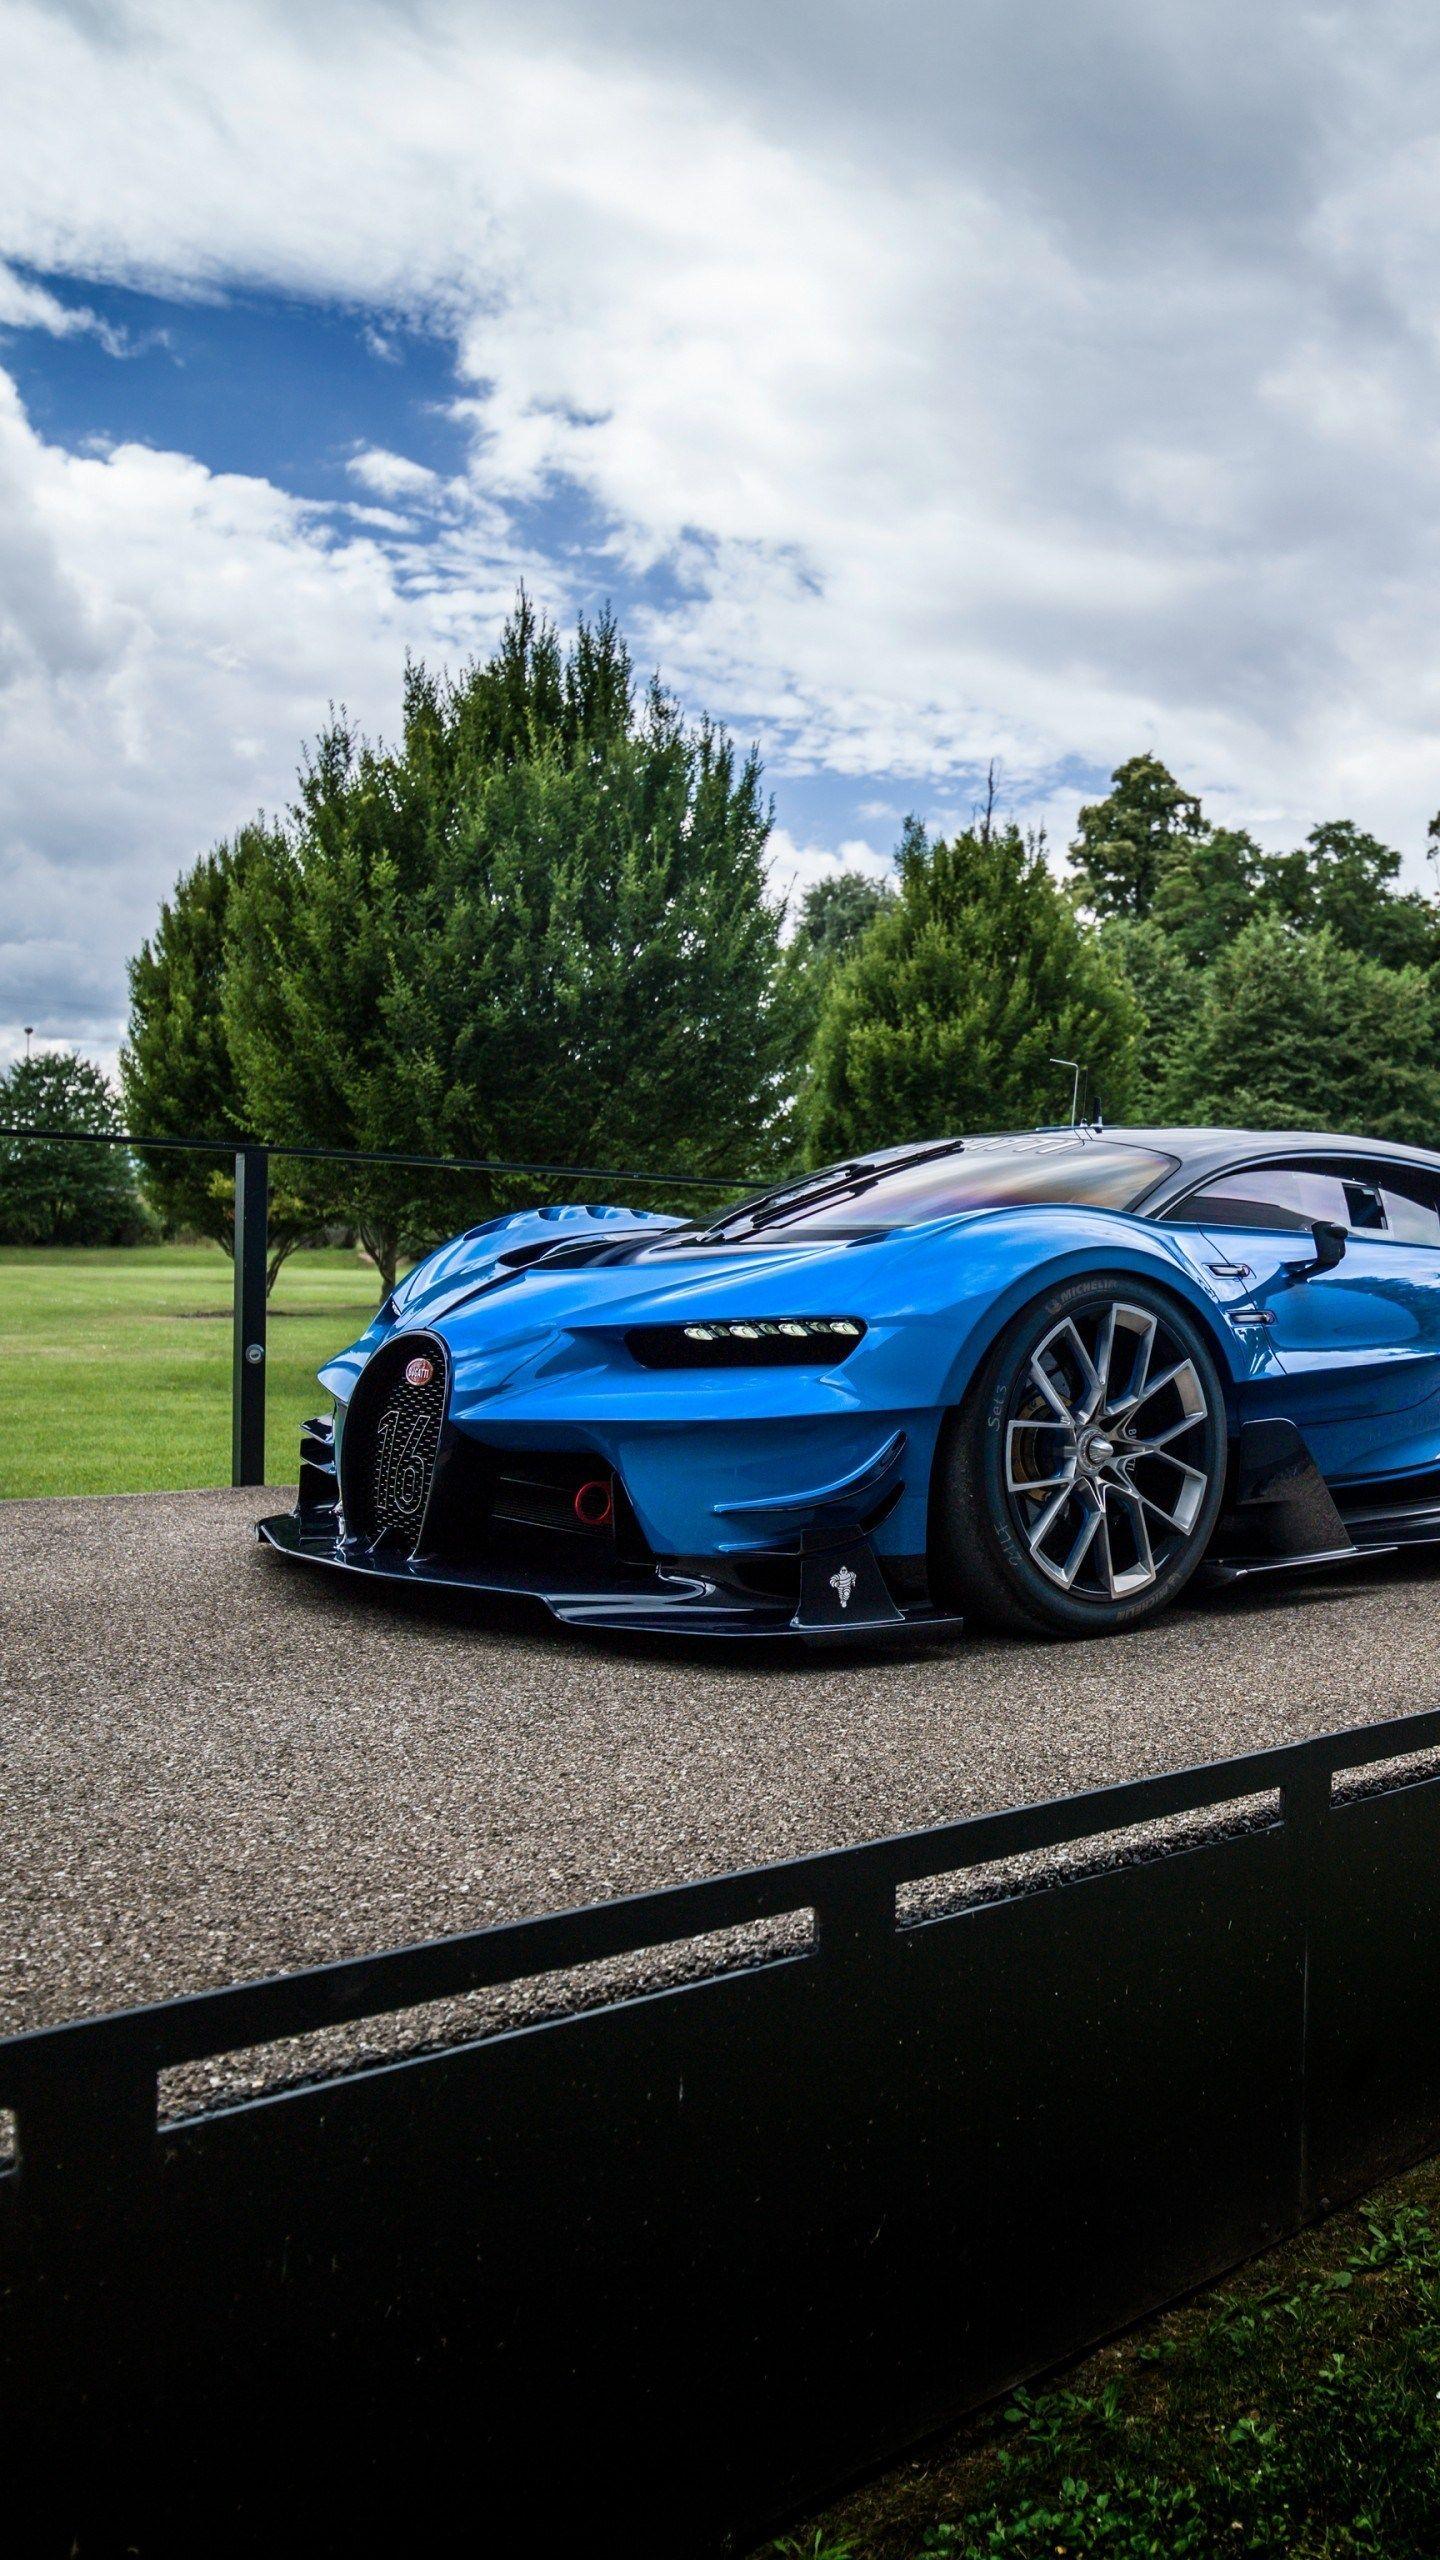 Wallpaper Bugatti Chiron Vision Gran Turismo 4k Ford Bugatti Chiron Wallpaper Iphon Bugatti Chiron Wallpapers Bugatti Chiron Bugatti Chiron Wallpapers Iphone